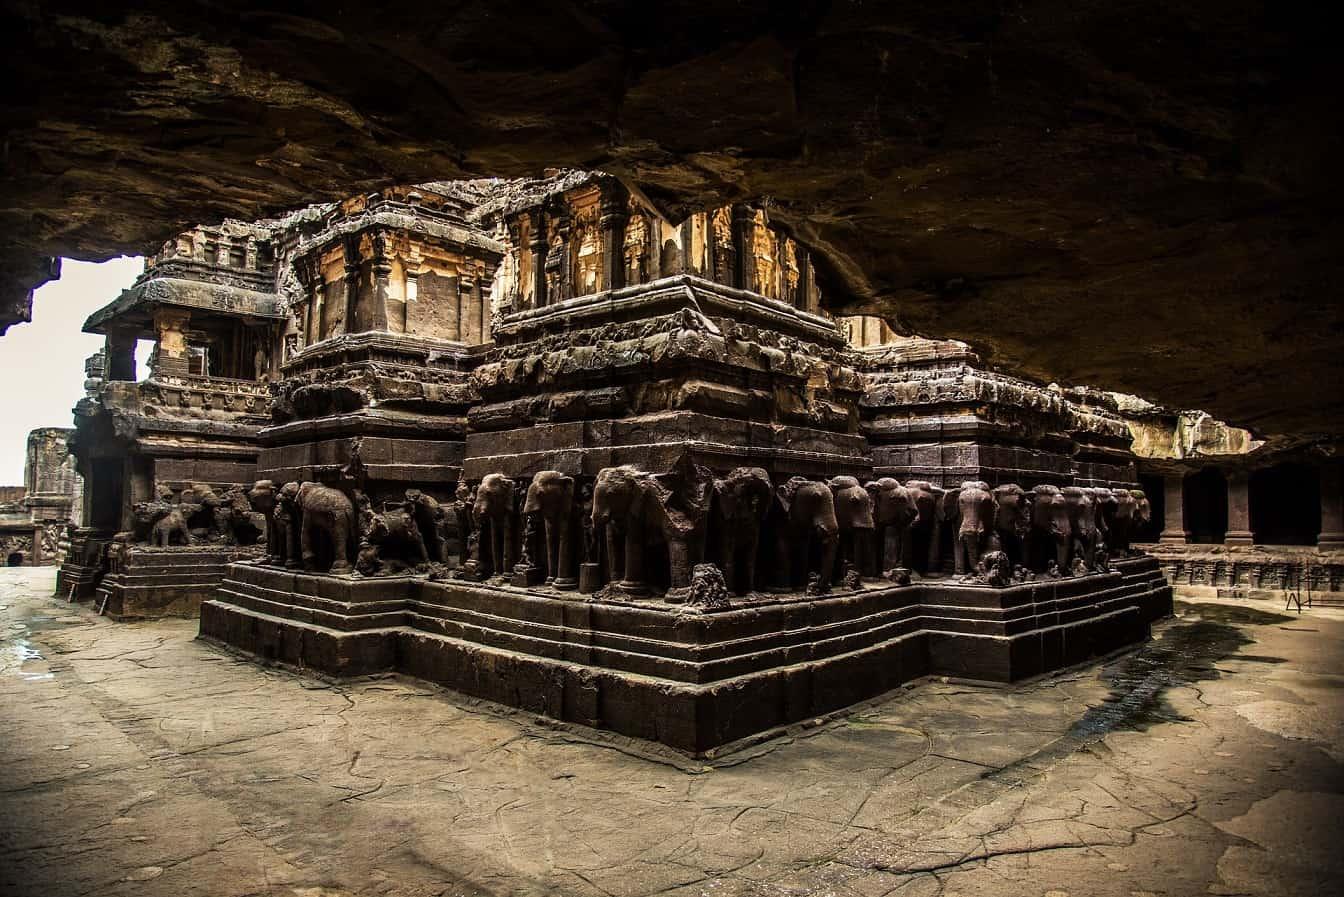 Ajantha and Ellora Caves